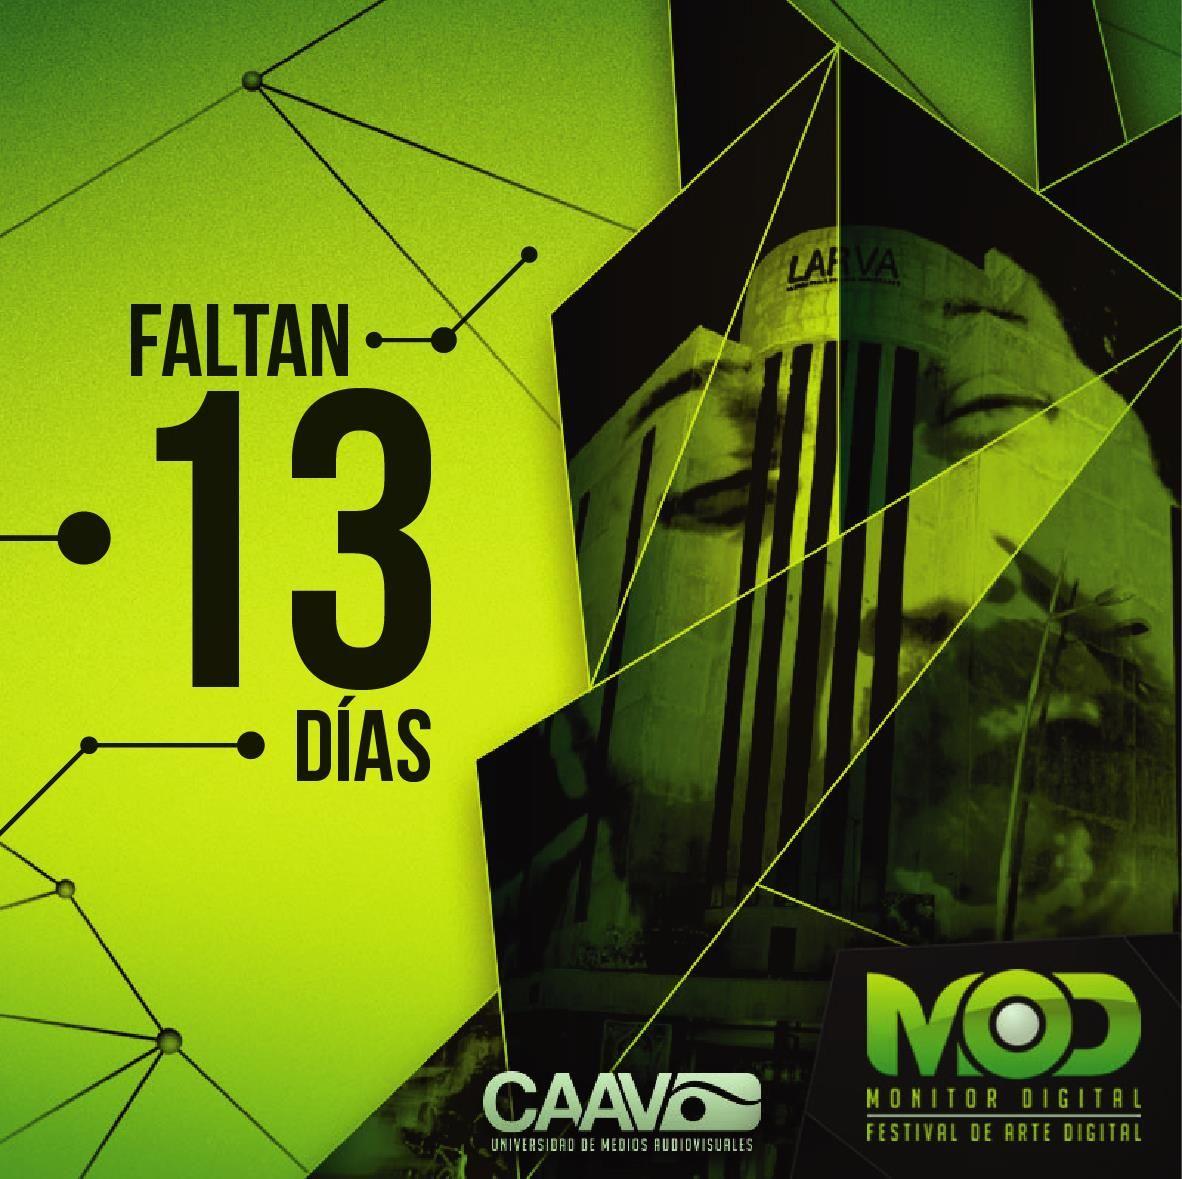 Quinto Festival Internacional de Arte Digital MOD del 24 al 29 de Septiembre en LARVA. http://monitordigital.com.mx